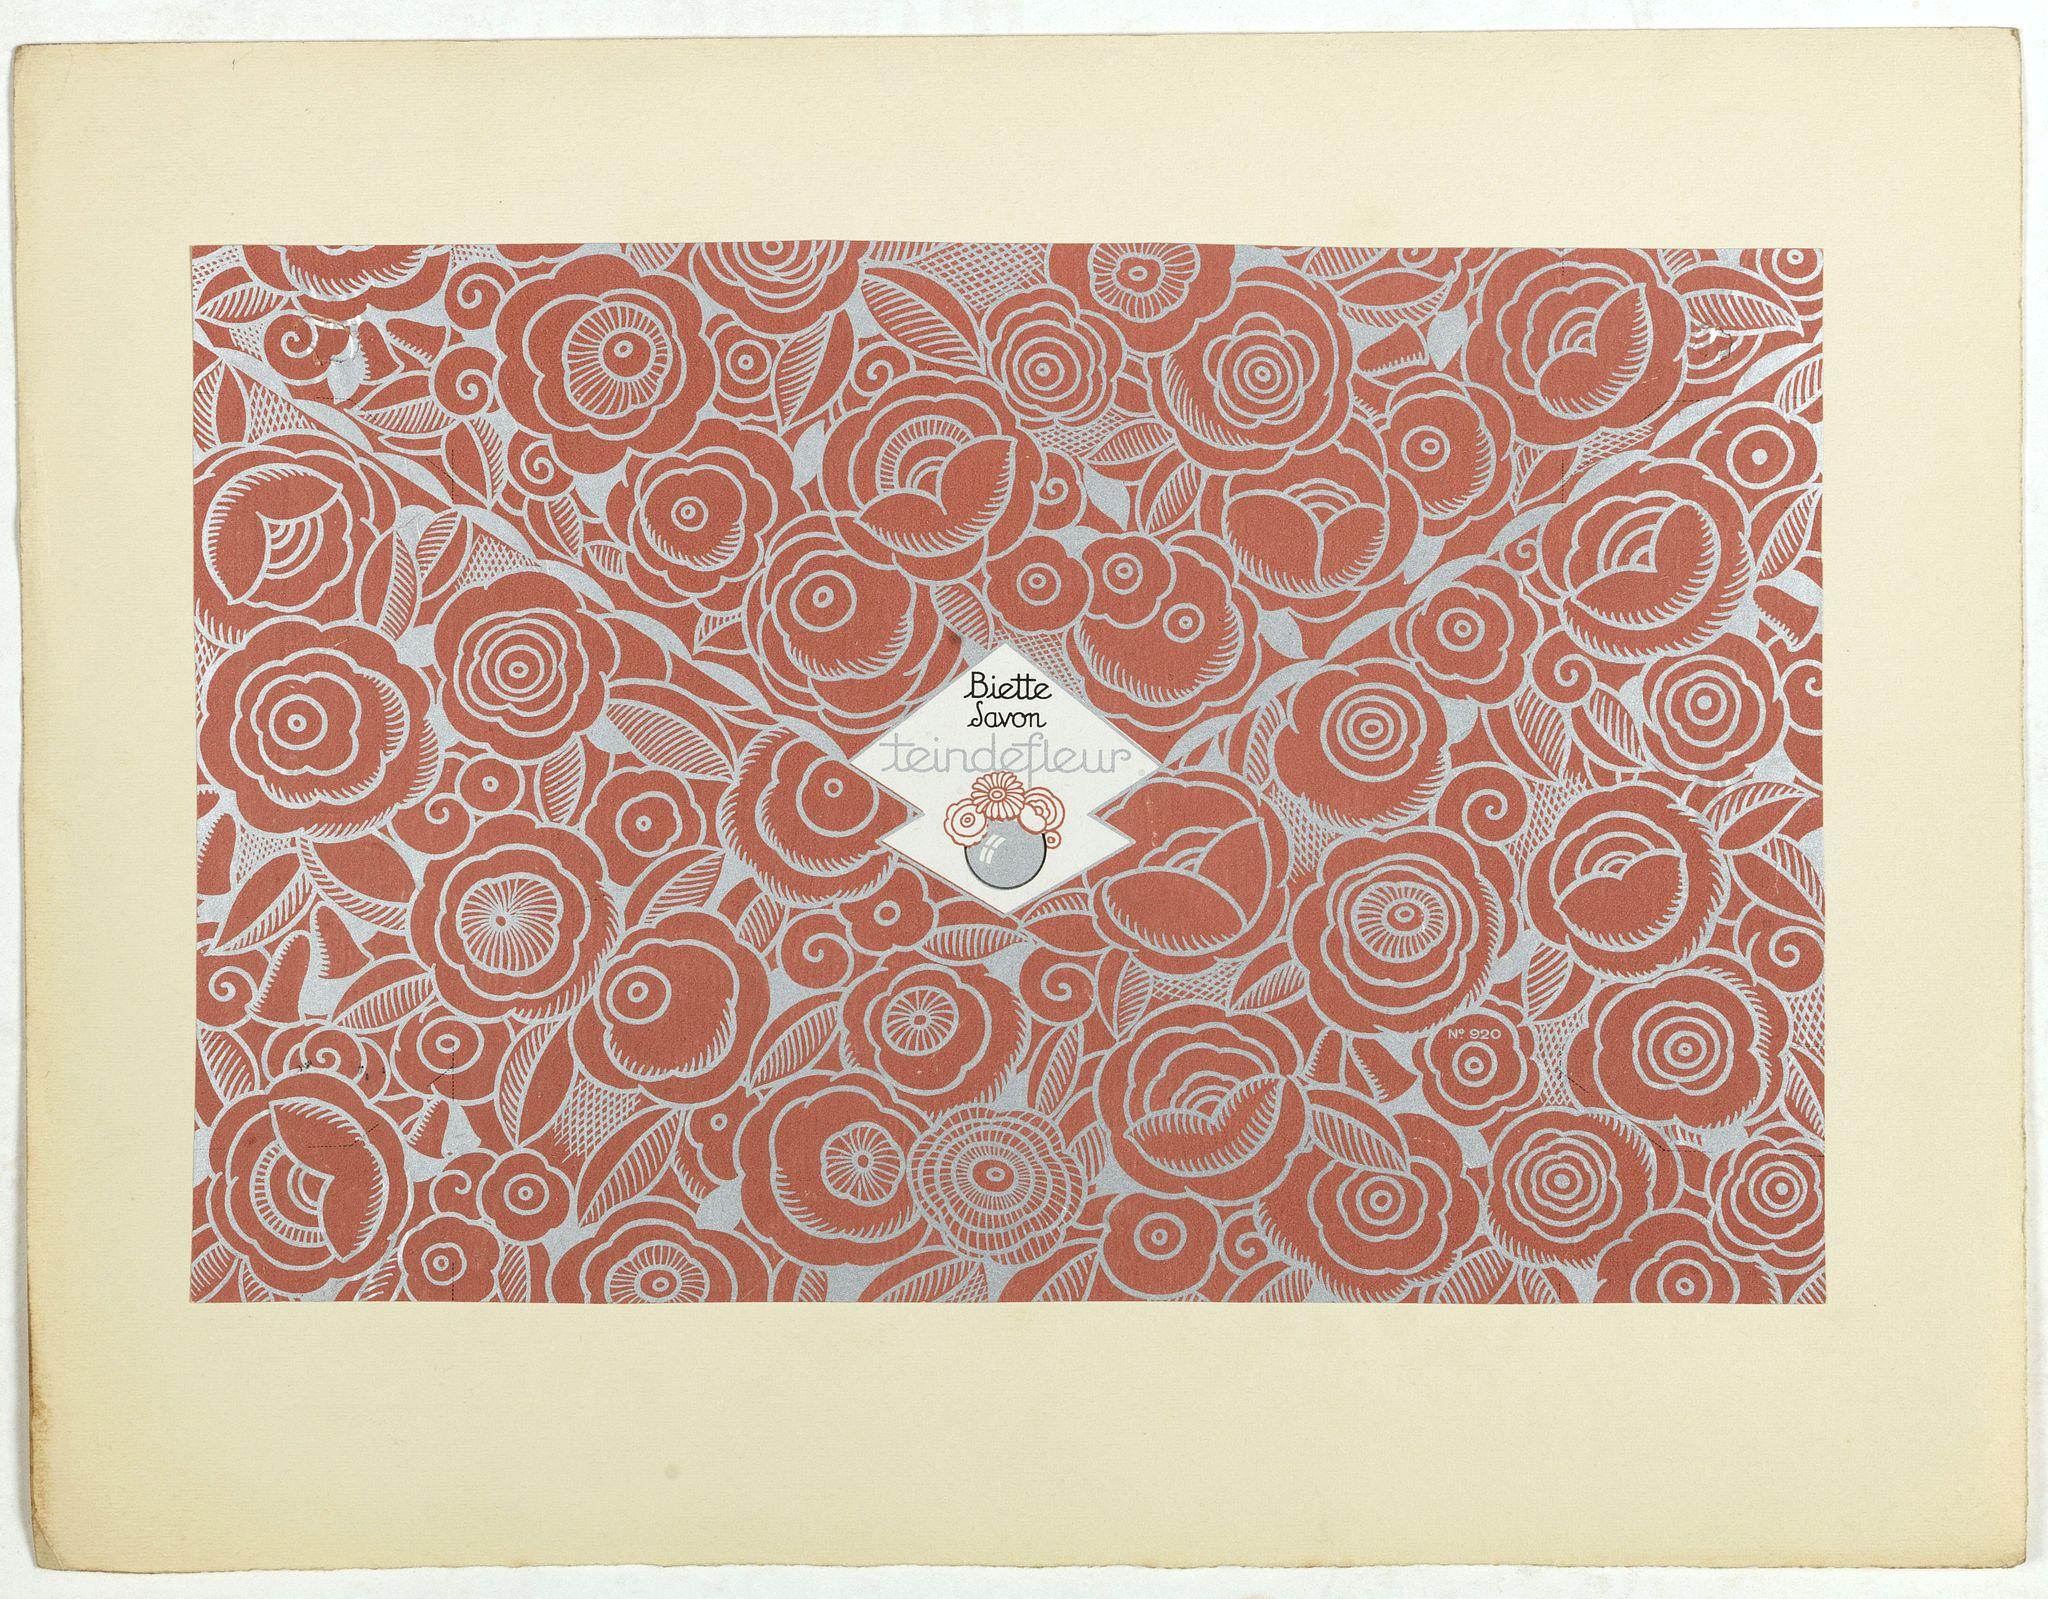 PICHON, Robert (Workshop). -  Art déco label  Biette Savon - Tein de fleur.